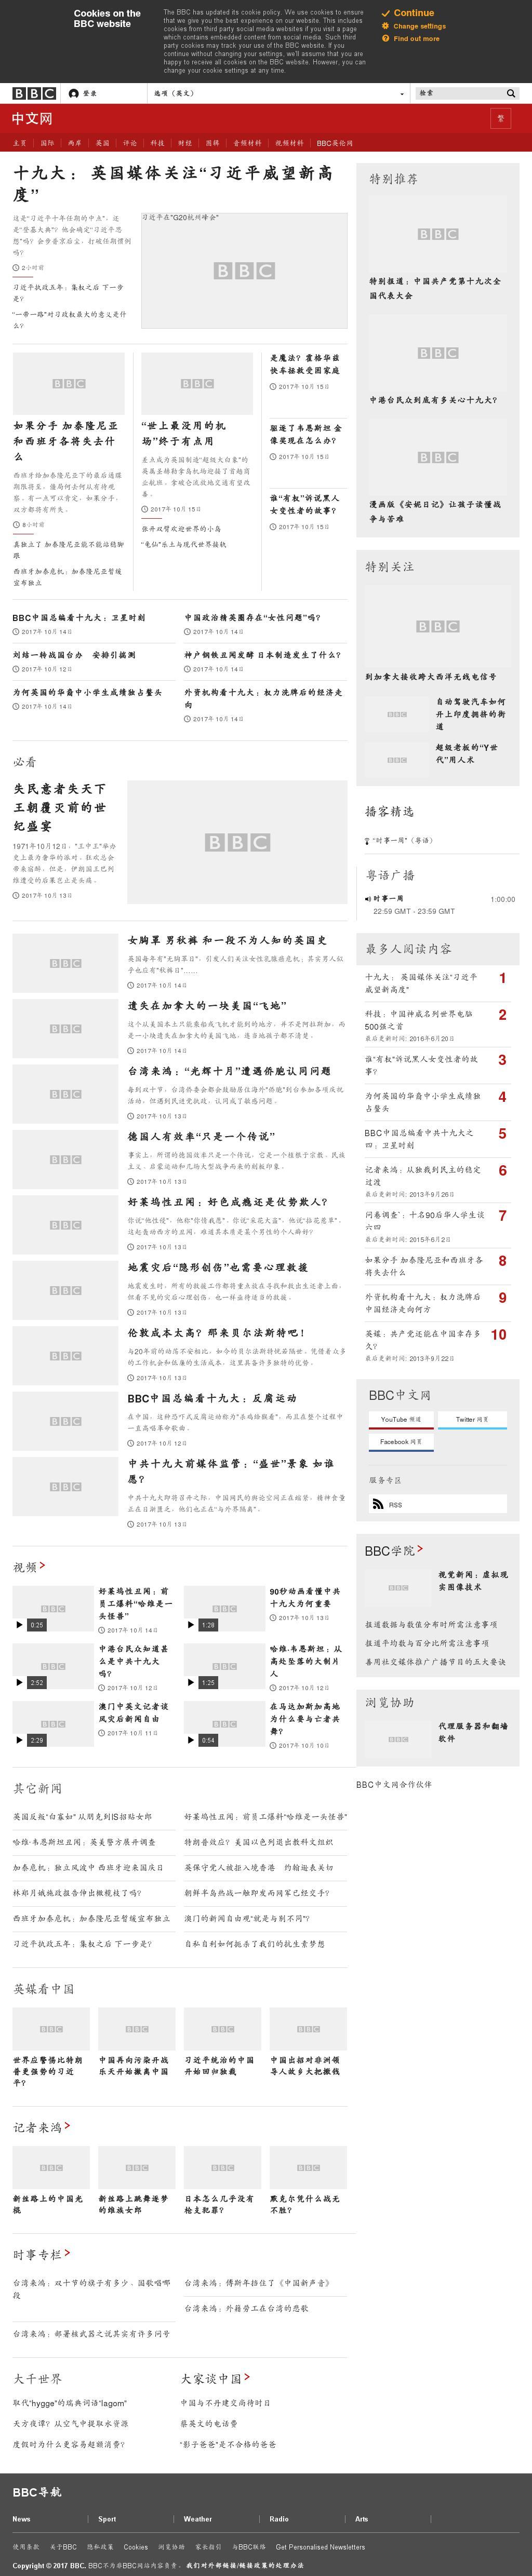 BBC (Chinese) at Sunday Oct. 15, 2017, 11:01 p.m. UTC